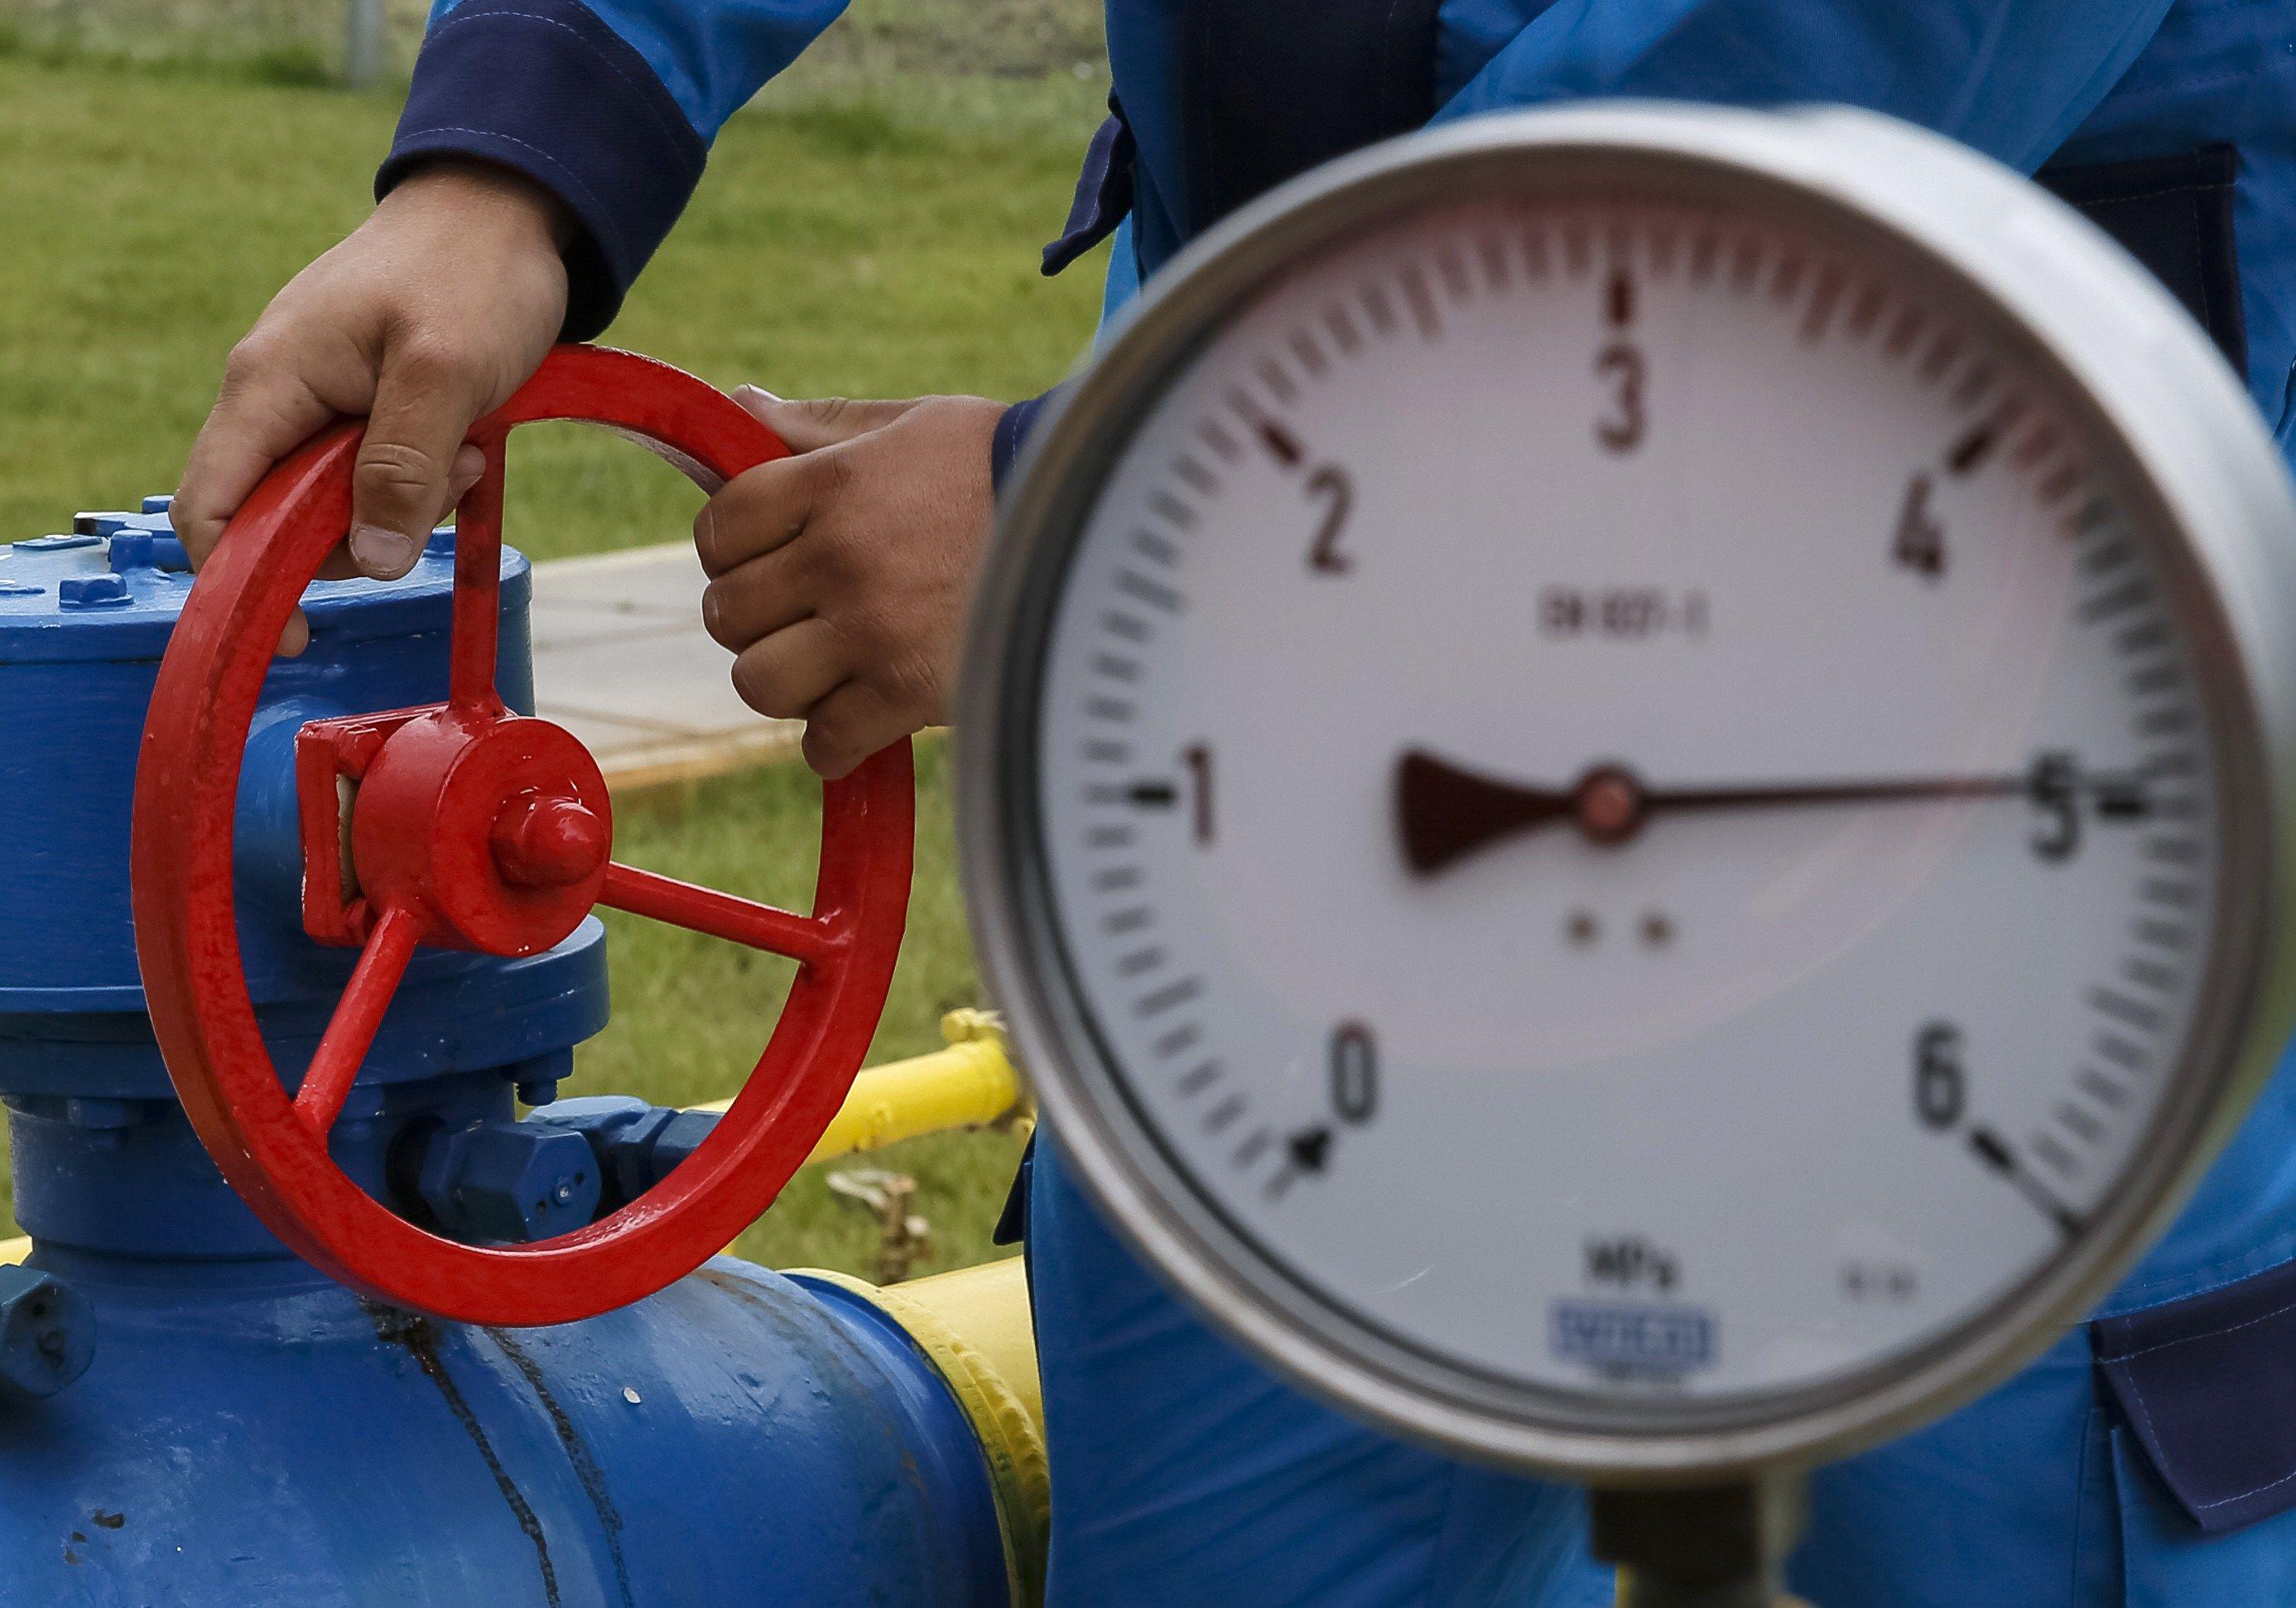 Газовая труба и счетчик